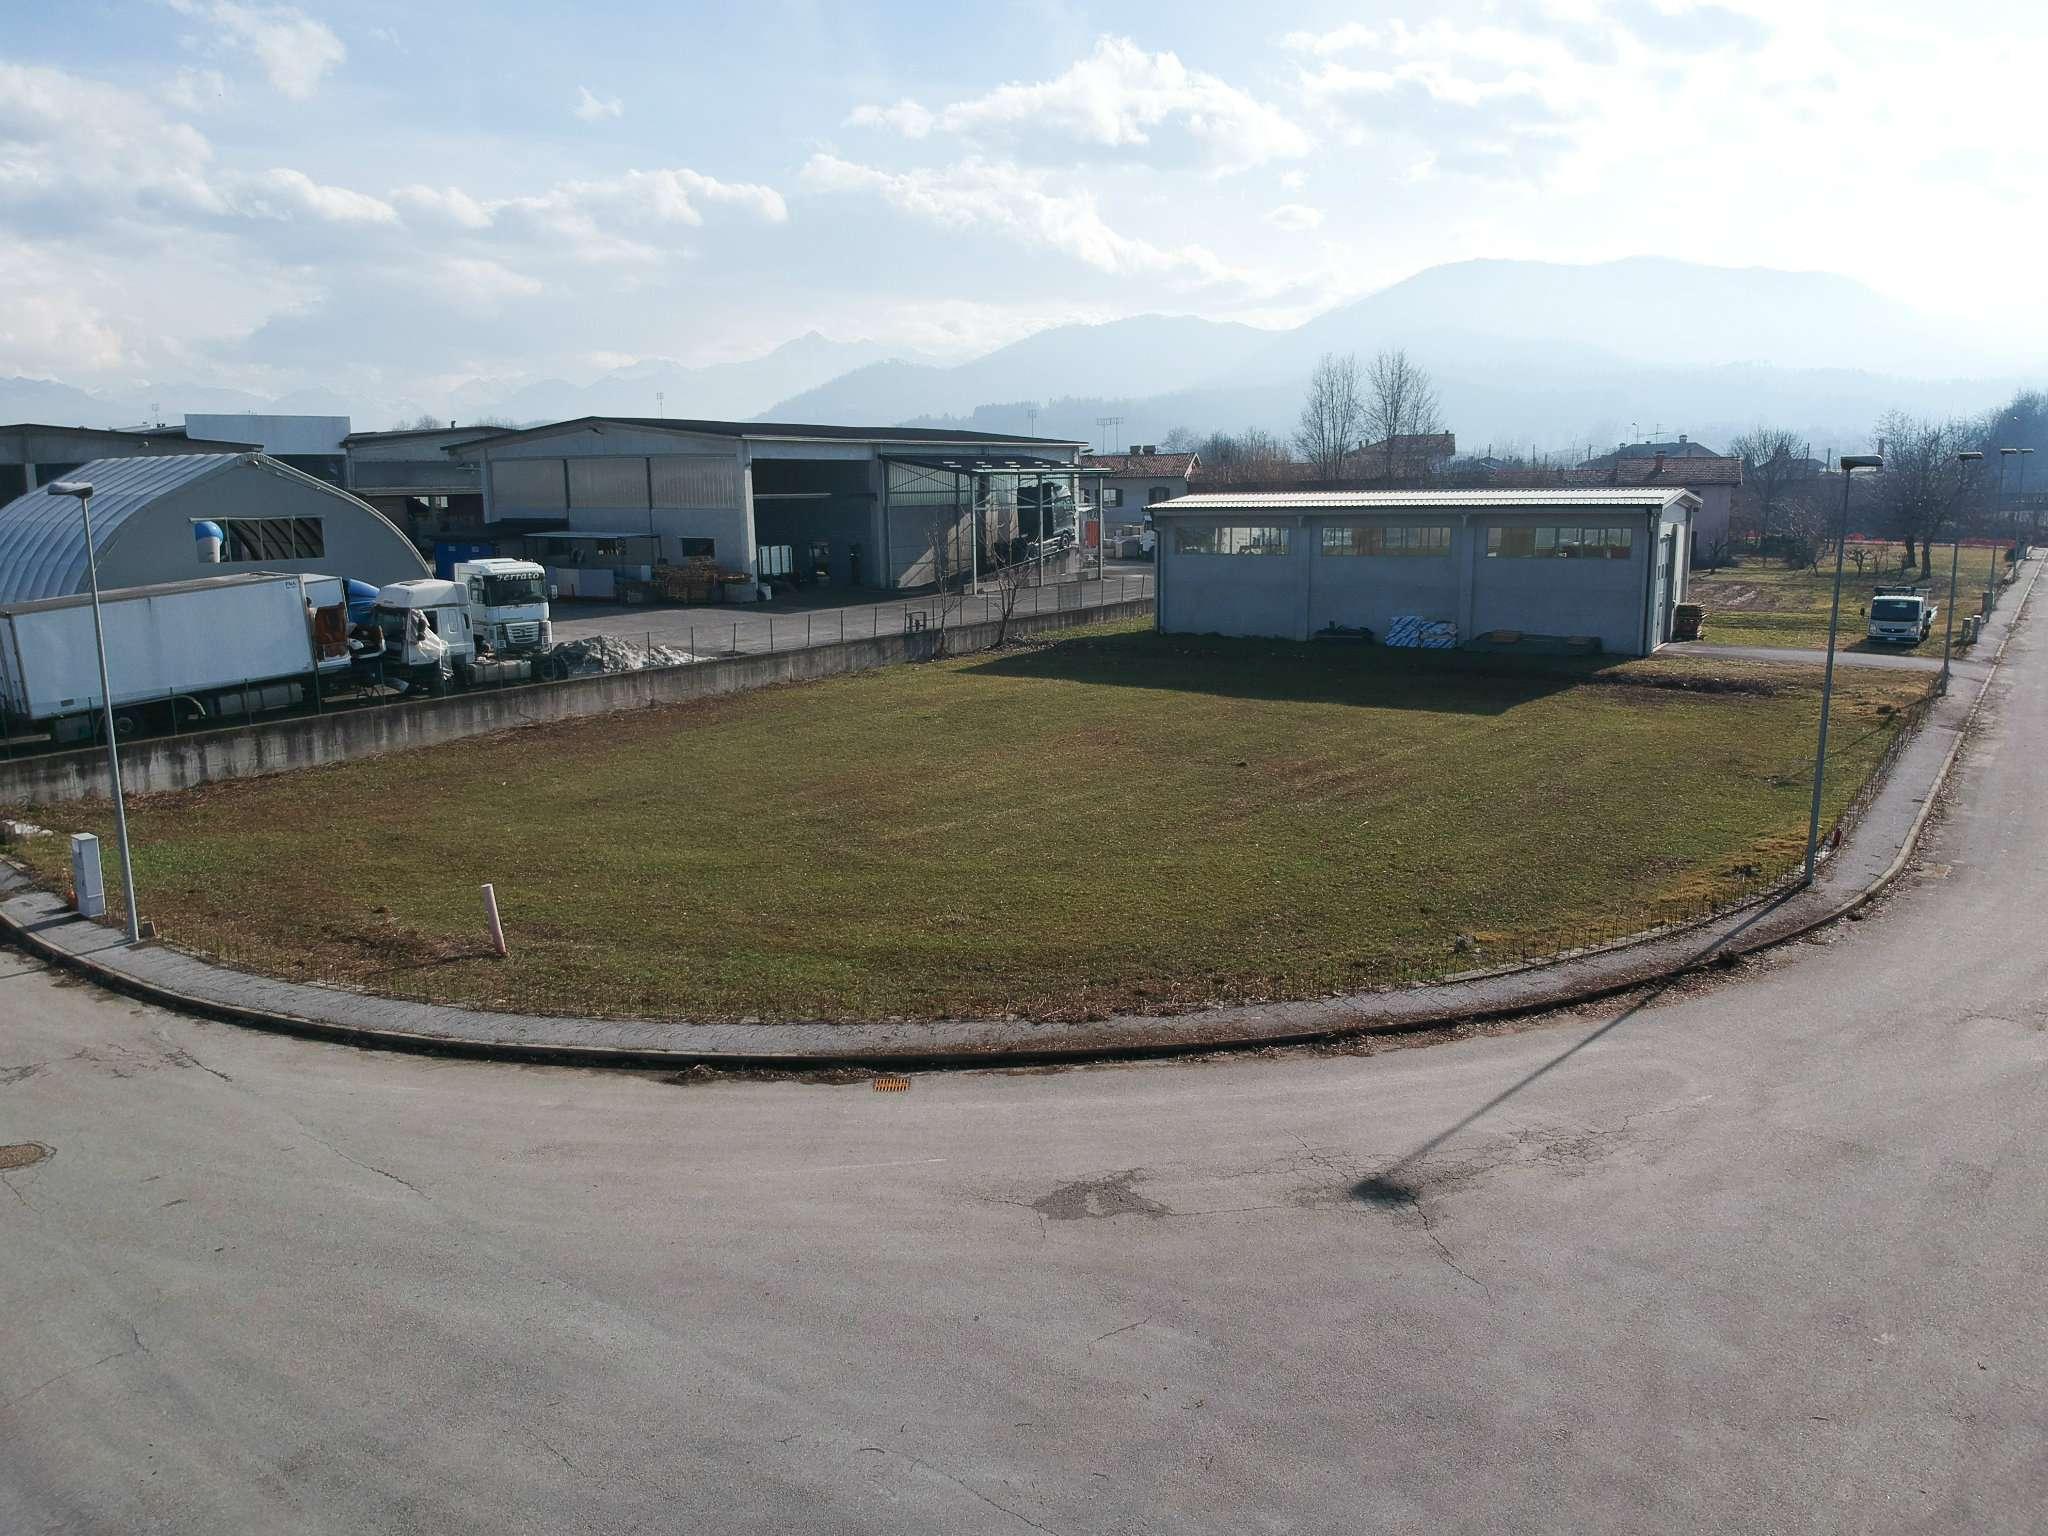 Terreno Edificabile Artigianale in vendita a Bernezzo, 9999 locali, prezzo € 77.000 | PortaleAgenzieImmobiliari.it